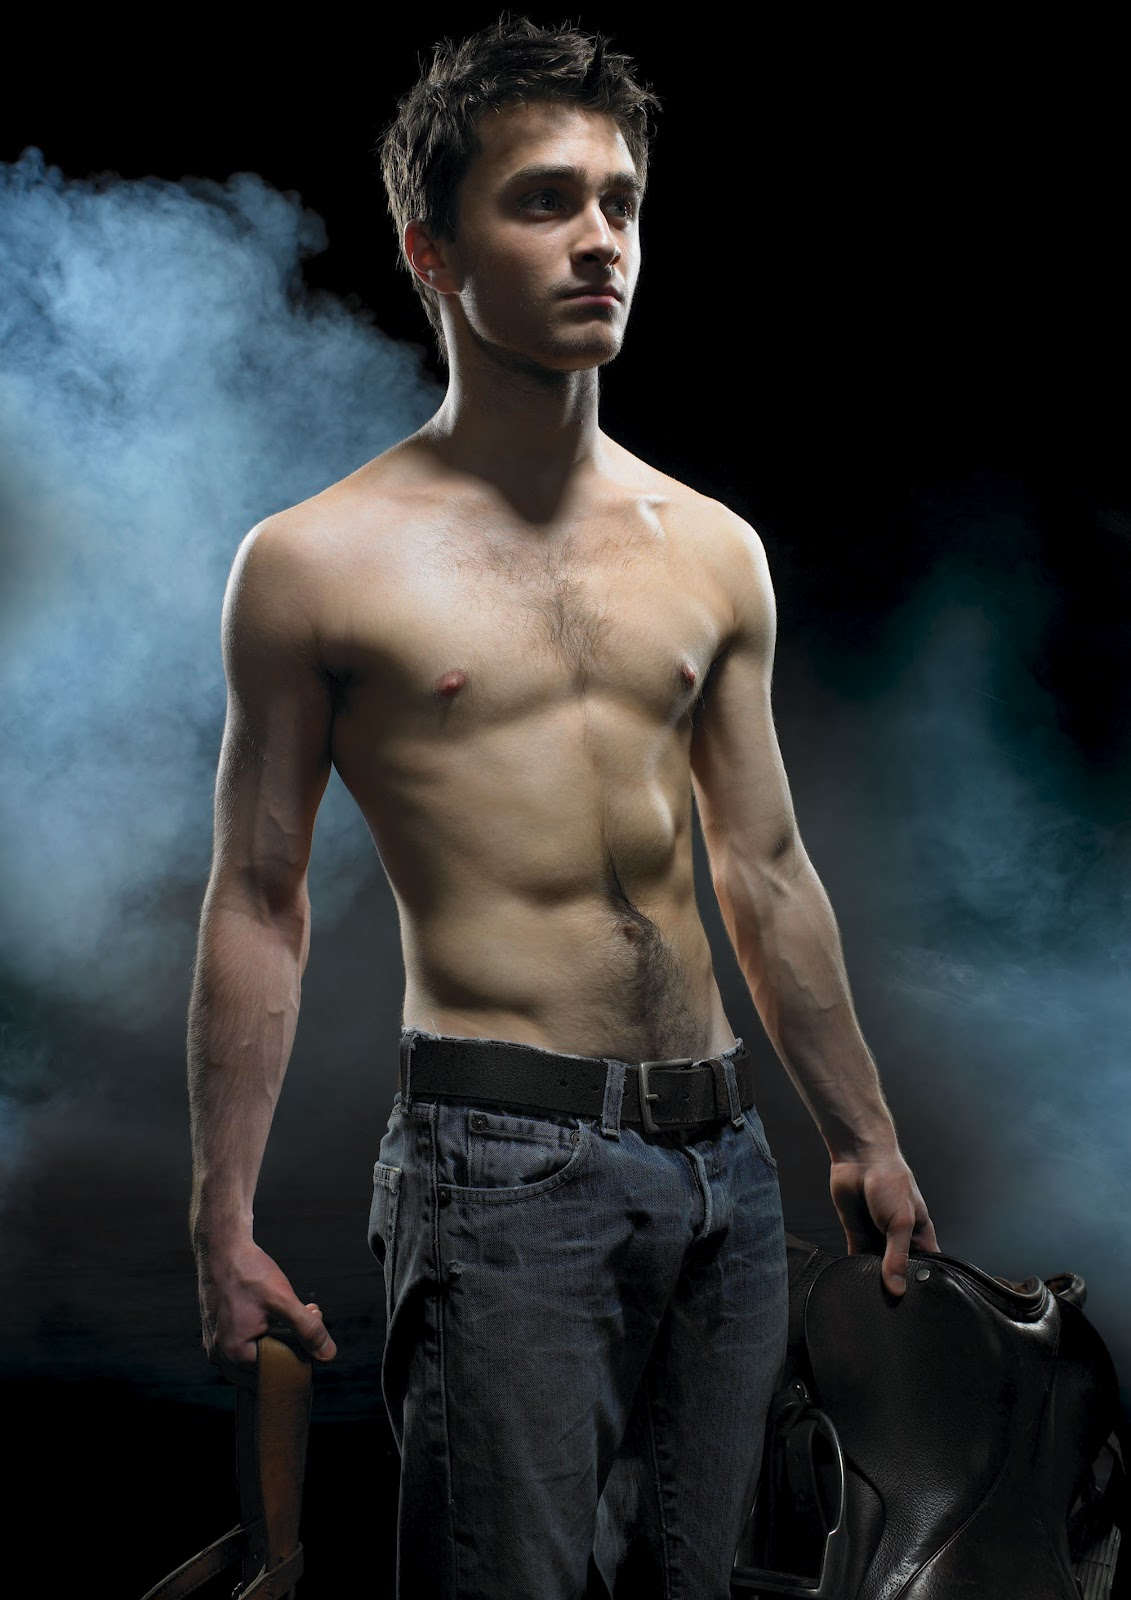 Warm Danel Radcliff Naked Jpg